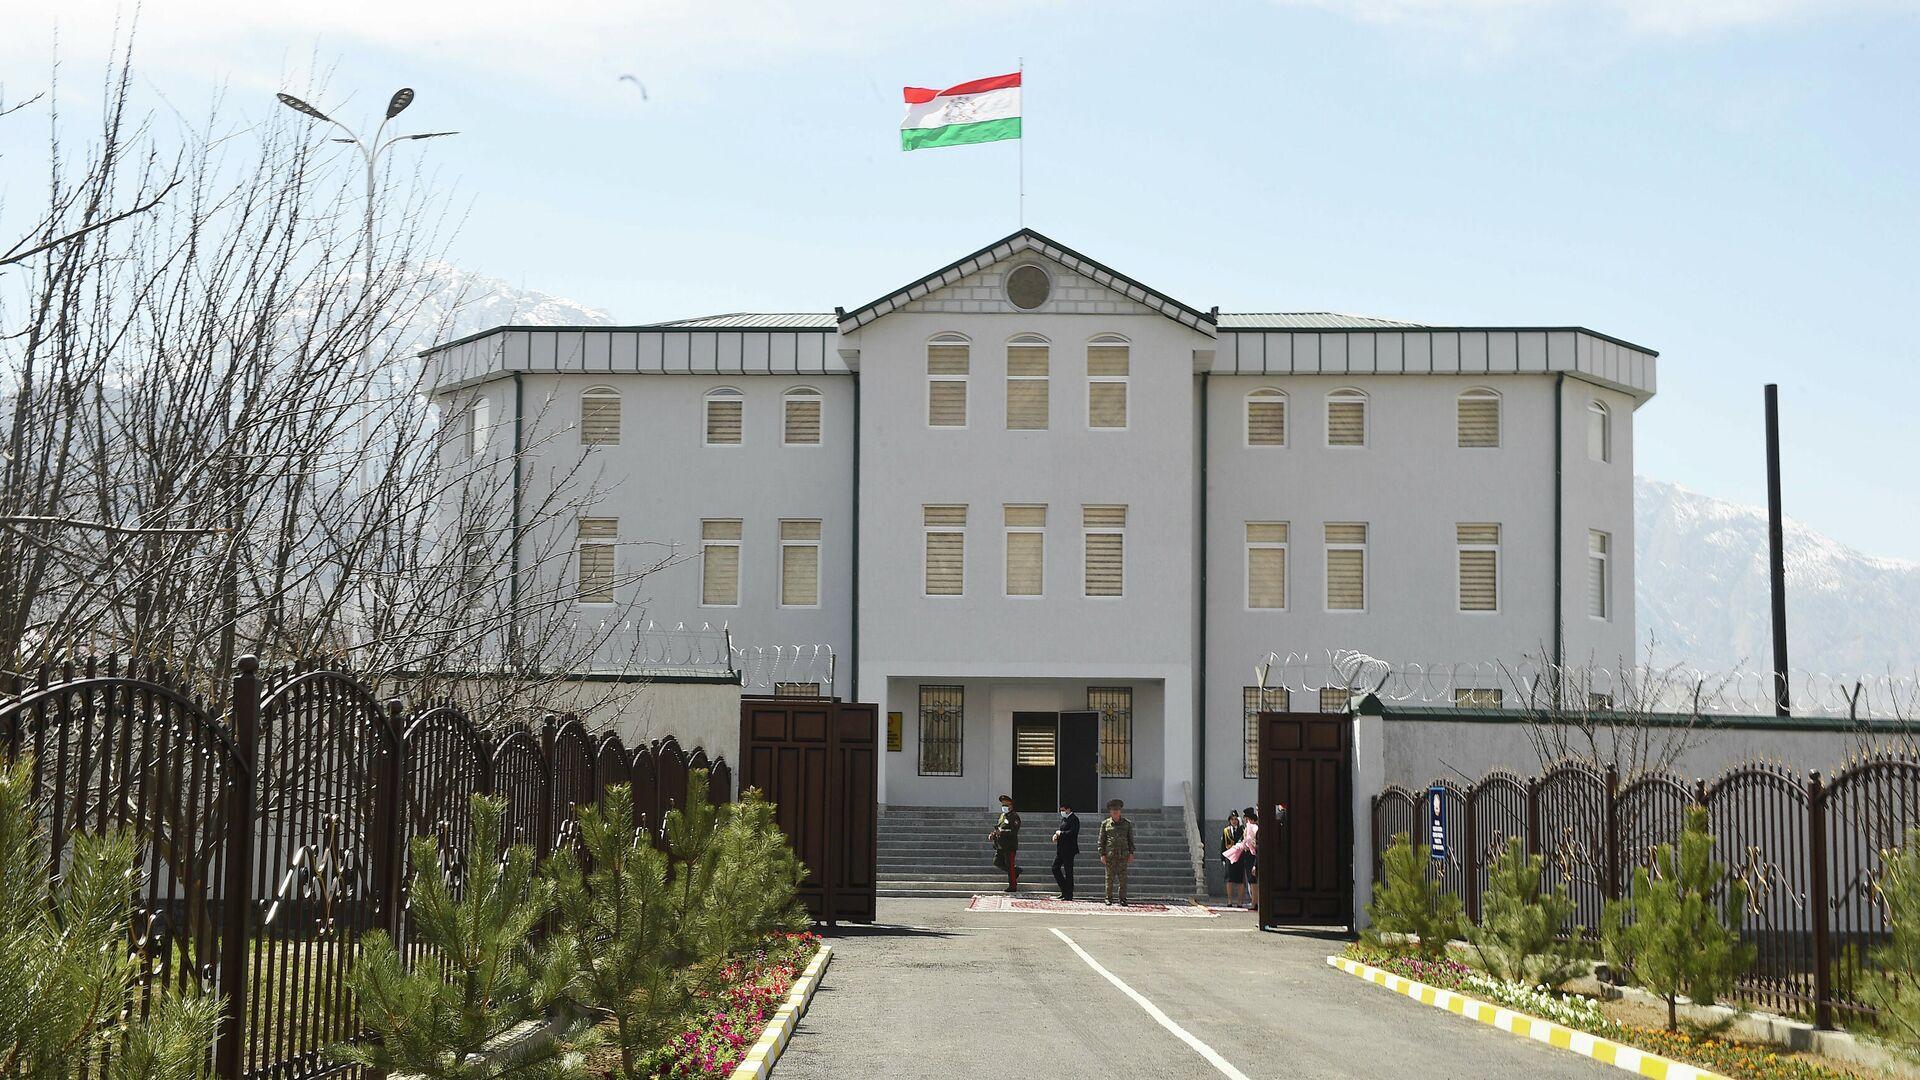 Новое здание ОВД в городе Ворух - Sputnik Тоҷикистон, 1920, 09.04.2021